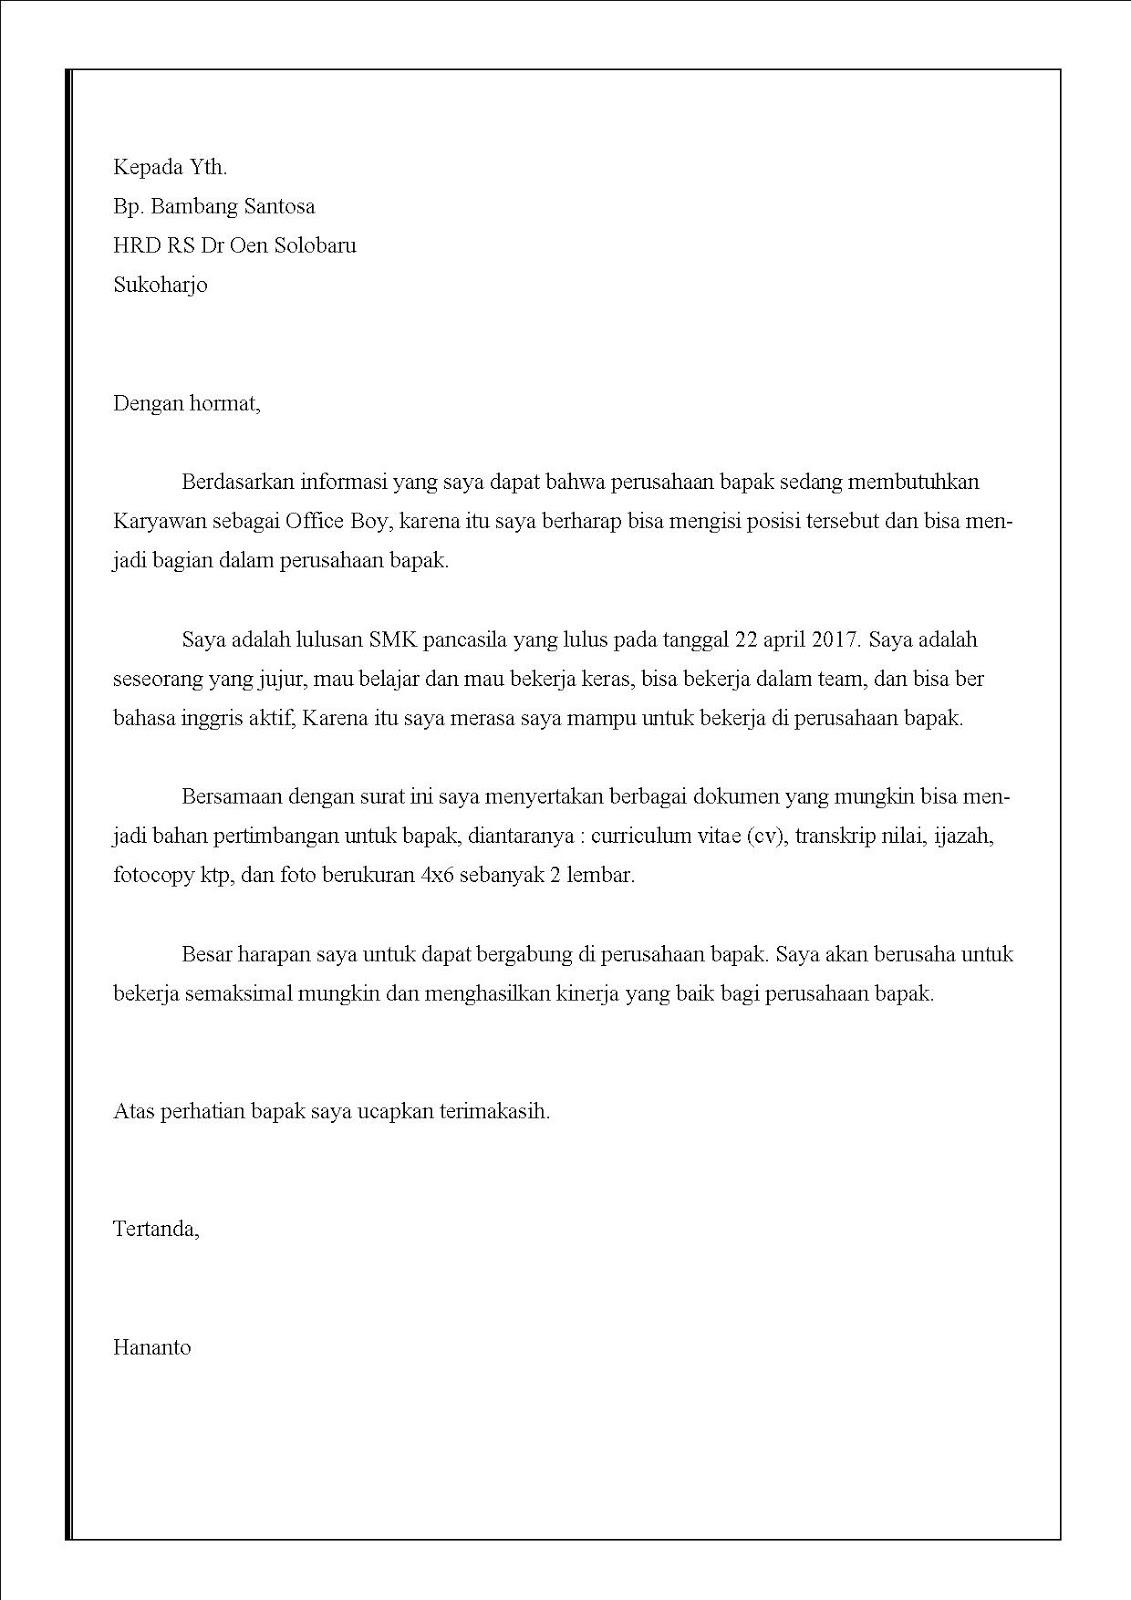 Contoh Surat Lamaran Kerja Office Boy Di Rumah Sakit